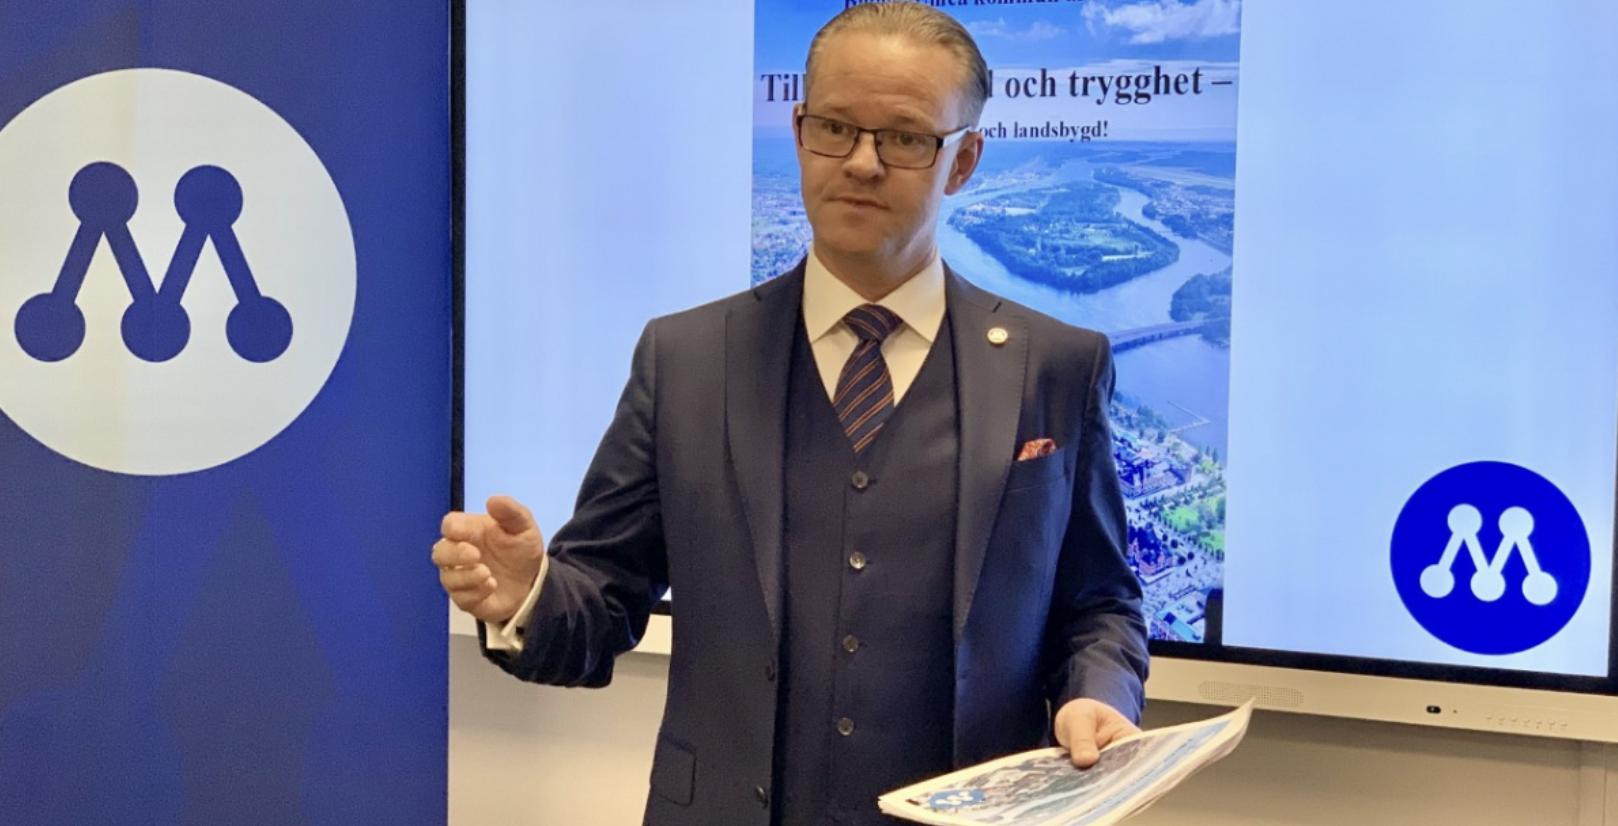 M-budget i Umeå: Satsningar på skola och äldre, sänkt skatt och besparingar på kulturen